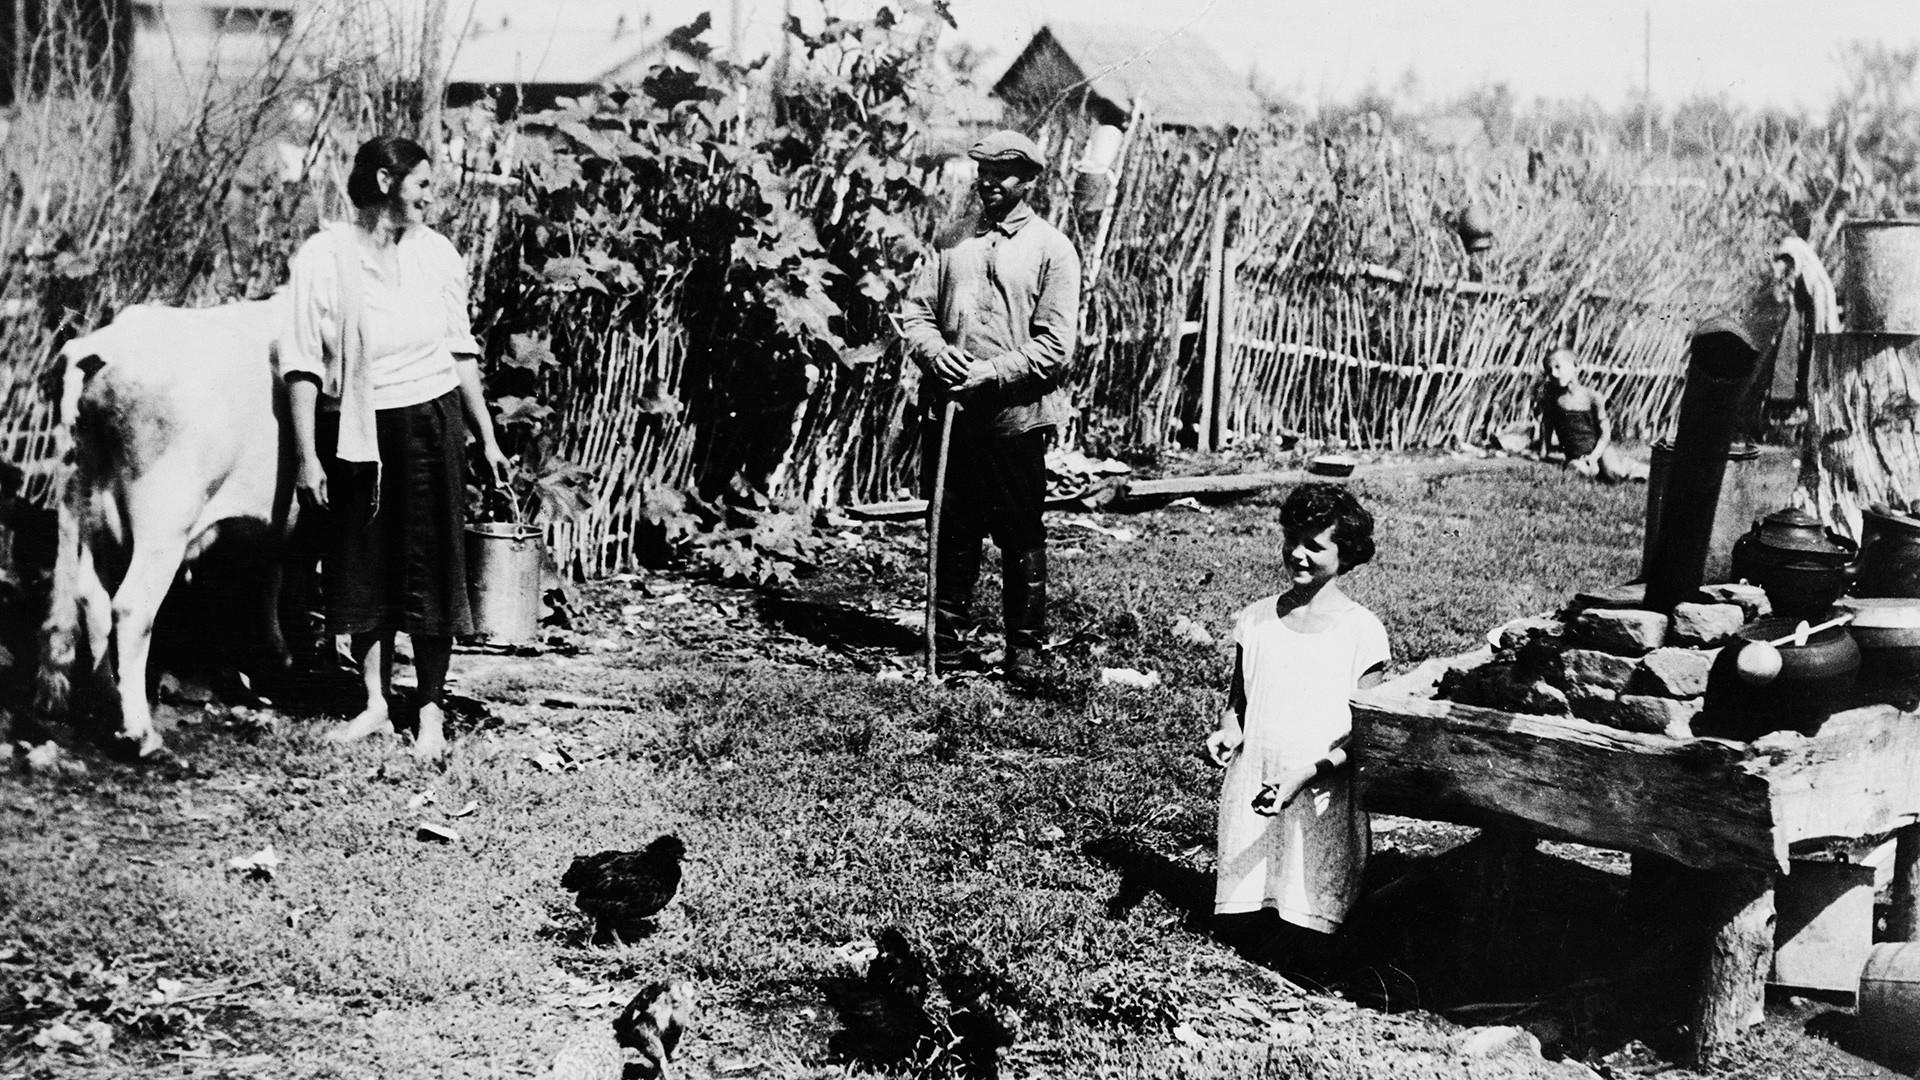 Колективният фермер Михаел Гефен и жена му Шейна с дъщеря им обработват земята си в Биробиджан в Еверейския автономен район, СССР.